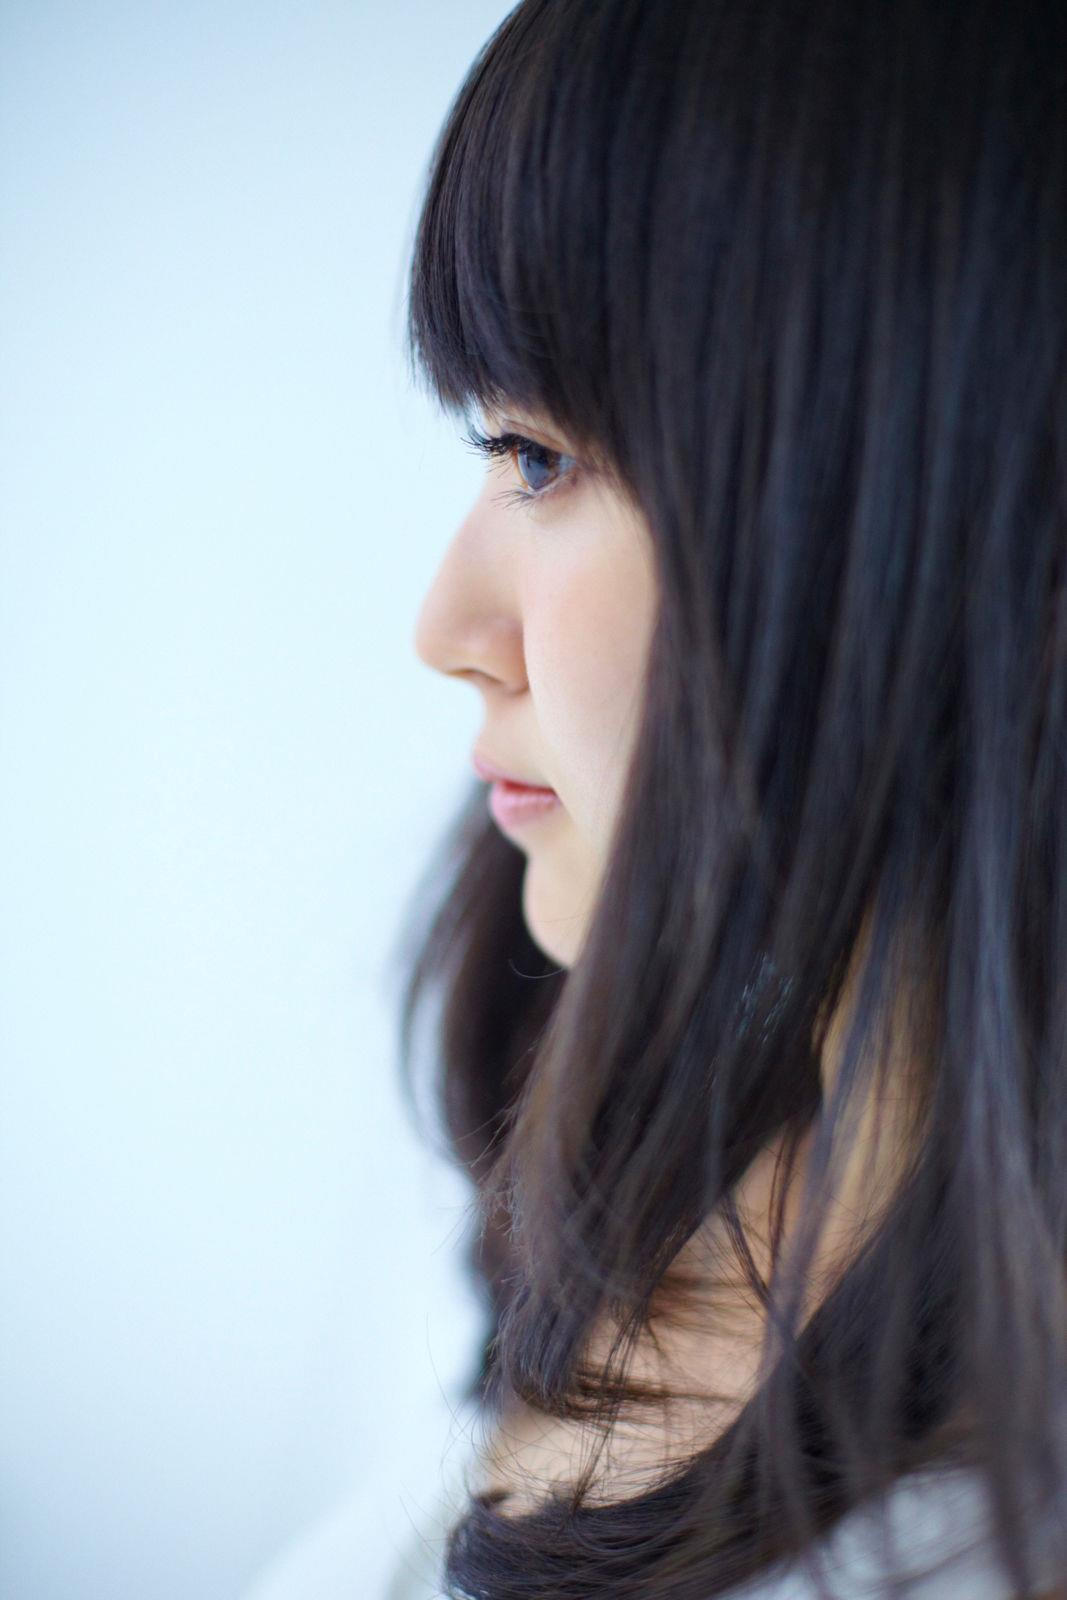 鈴木愛理(℃-ute) セクシー画像 11